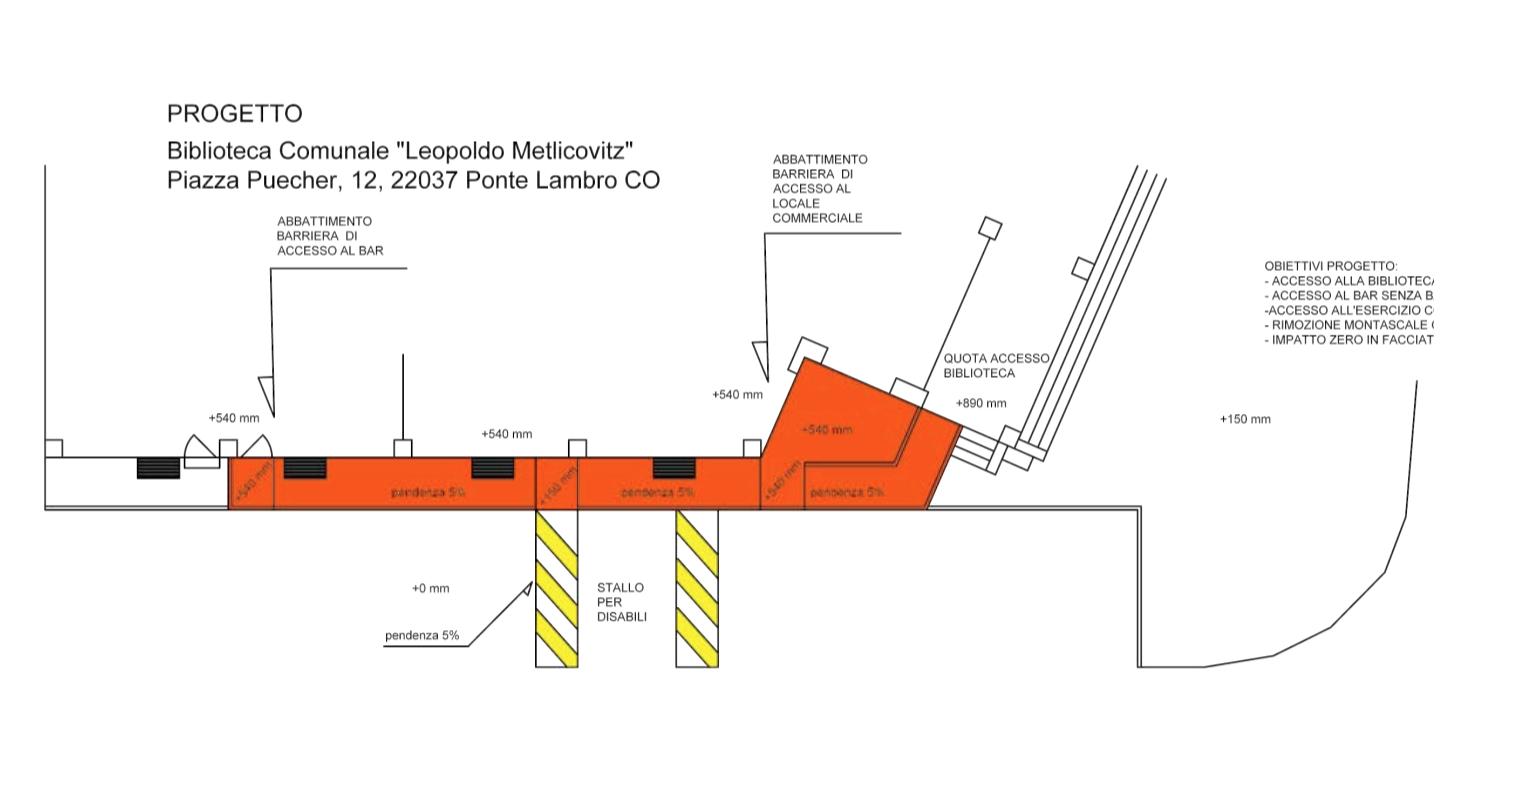 mappa del progetto per abbattere le barriere architettoniche della biblioteca Comunale Leopoldo Metlicovitz